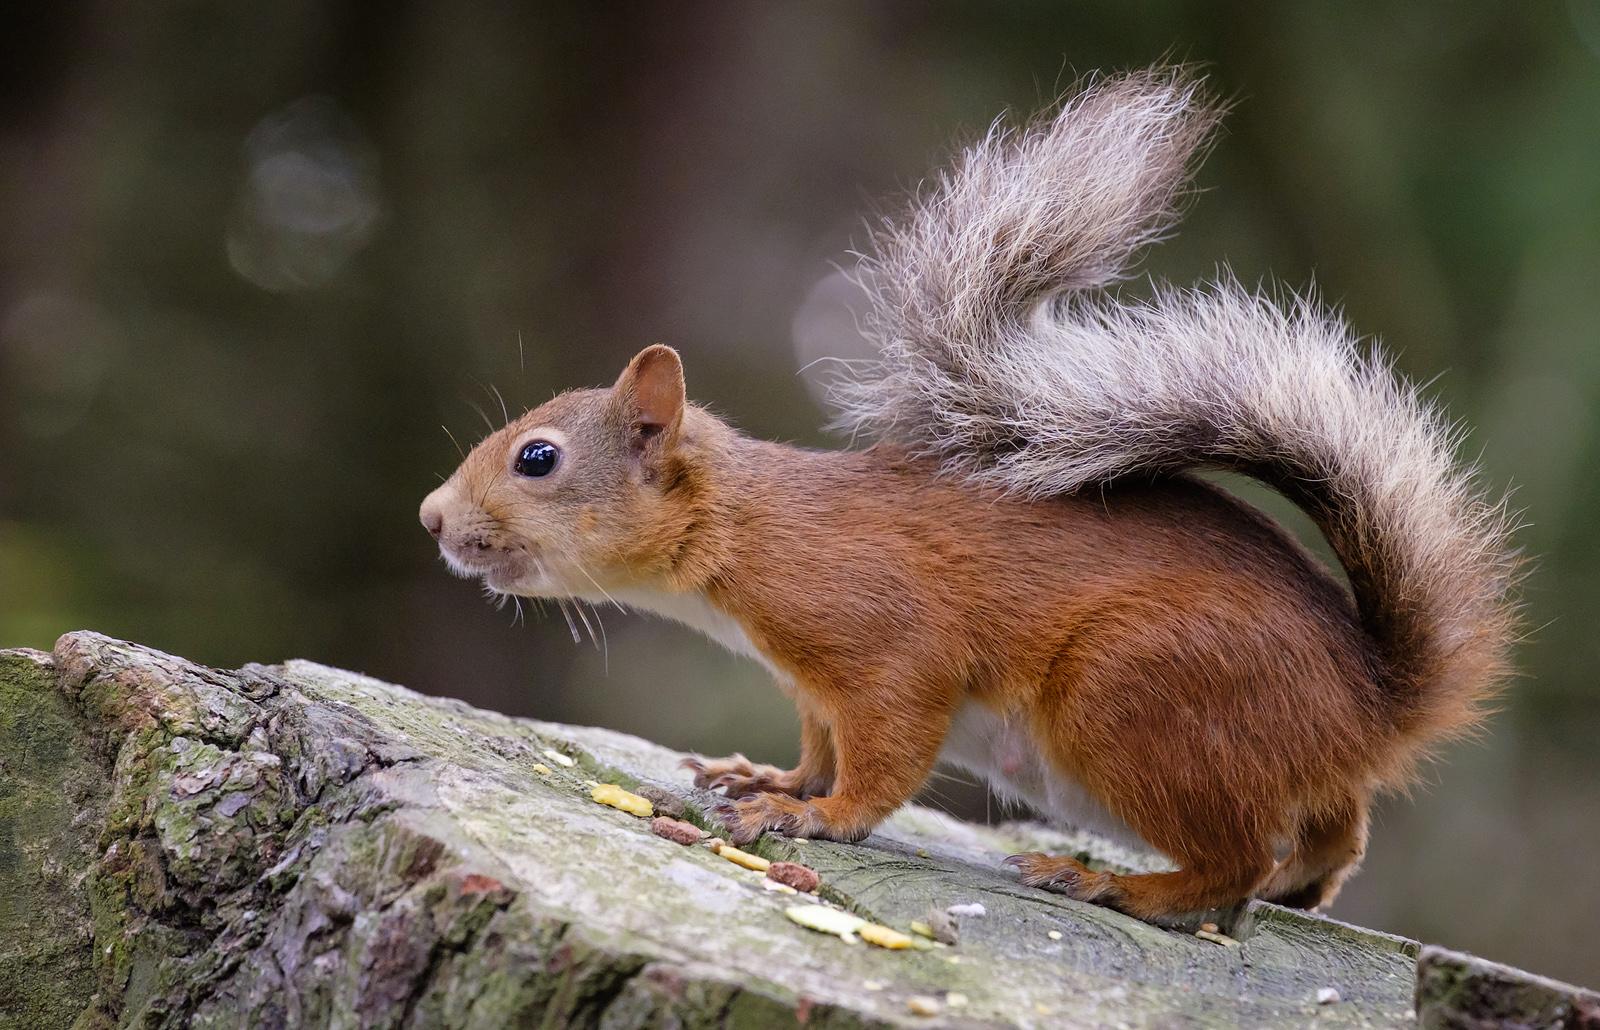 59a3eb008d7b0_SquirrelAlert.jpg.f26d6895